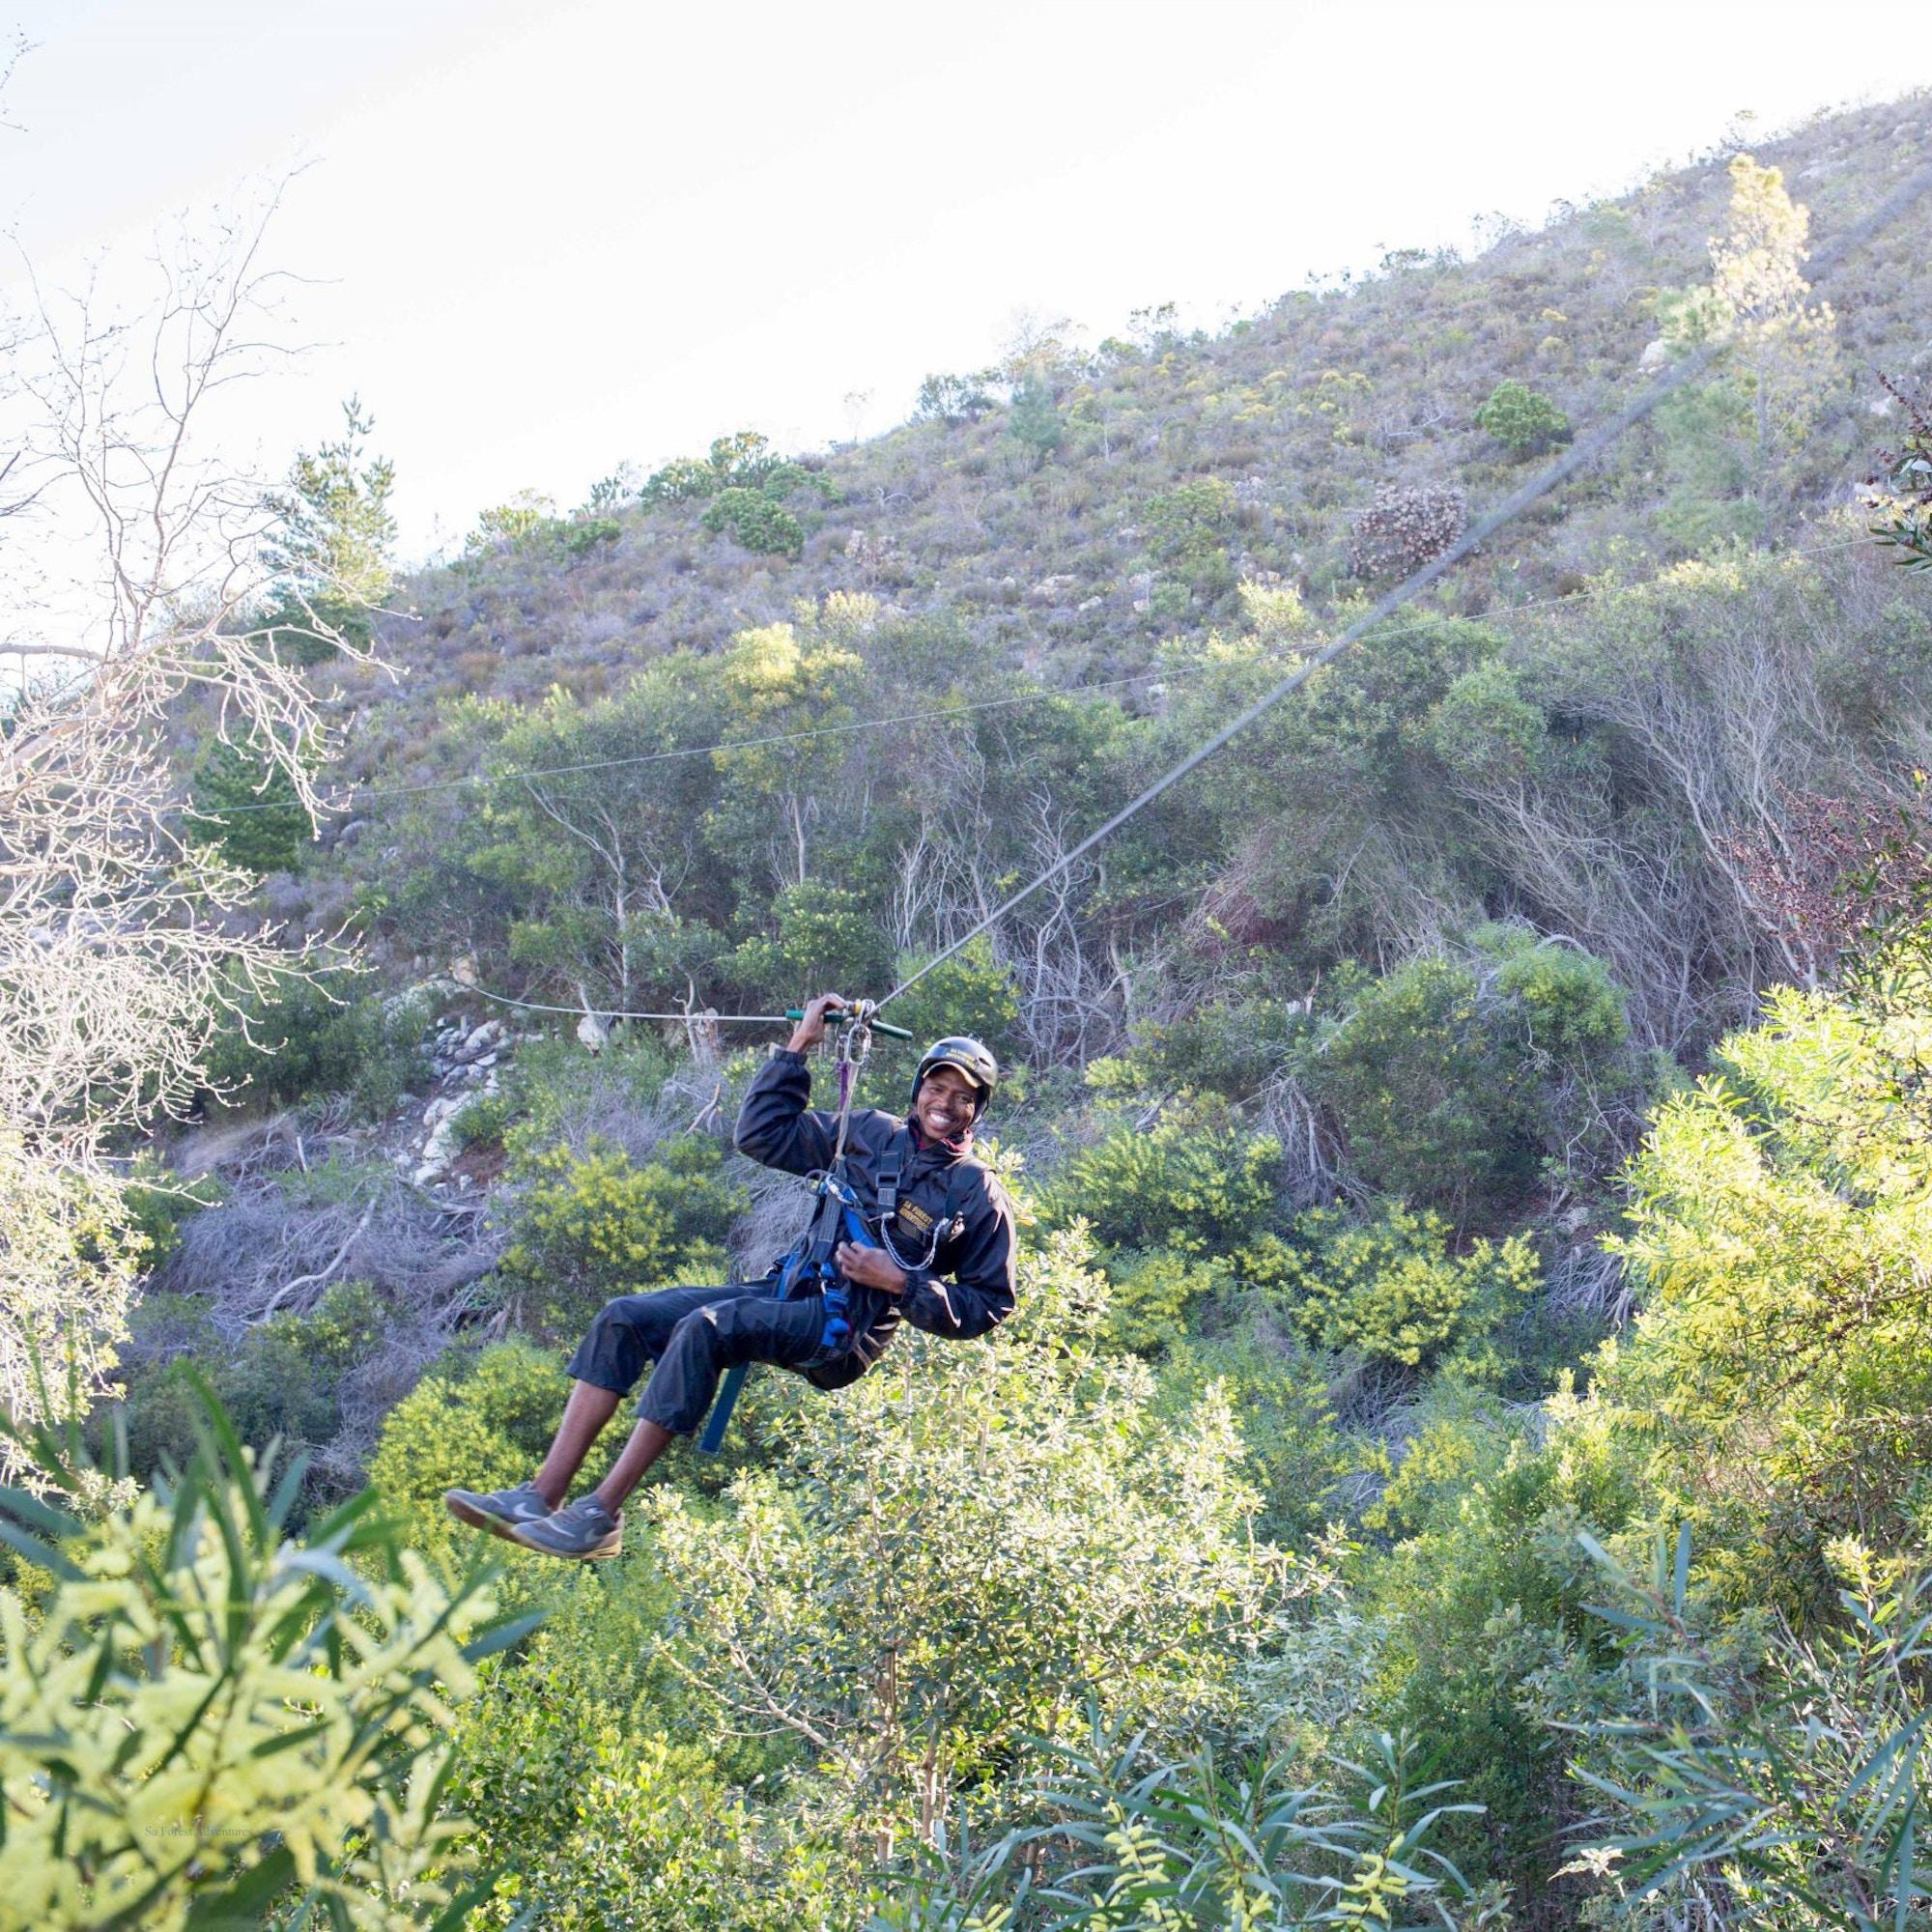 Hermanus Tree Top Zipline 1